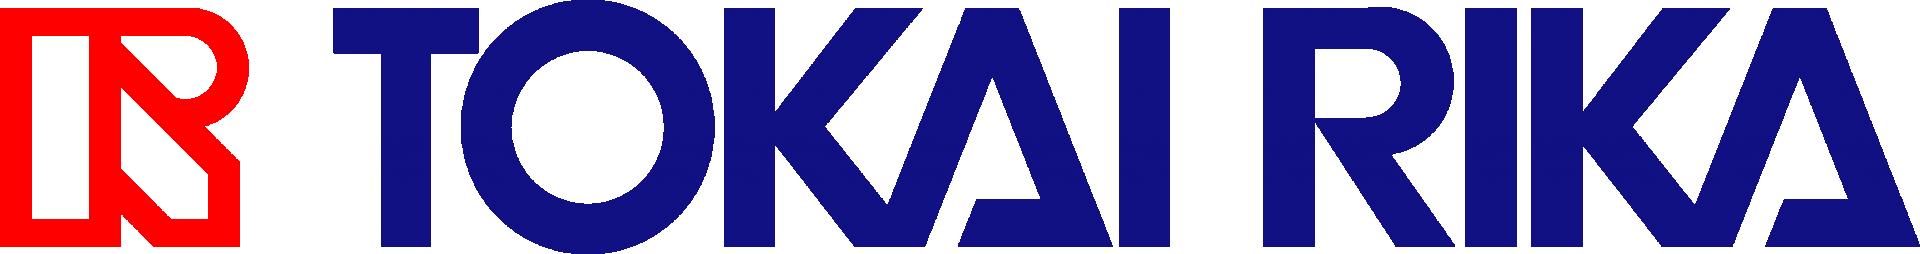 Tokai_Rika_logo1111.png